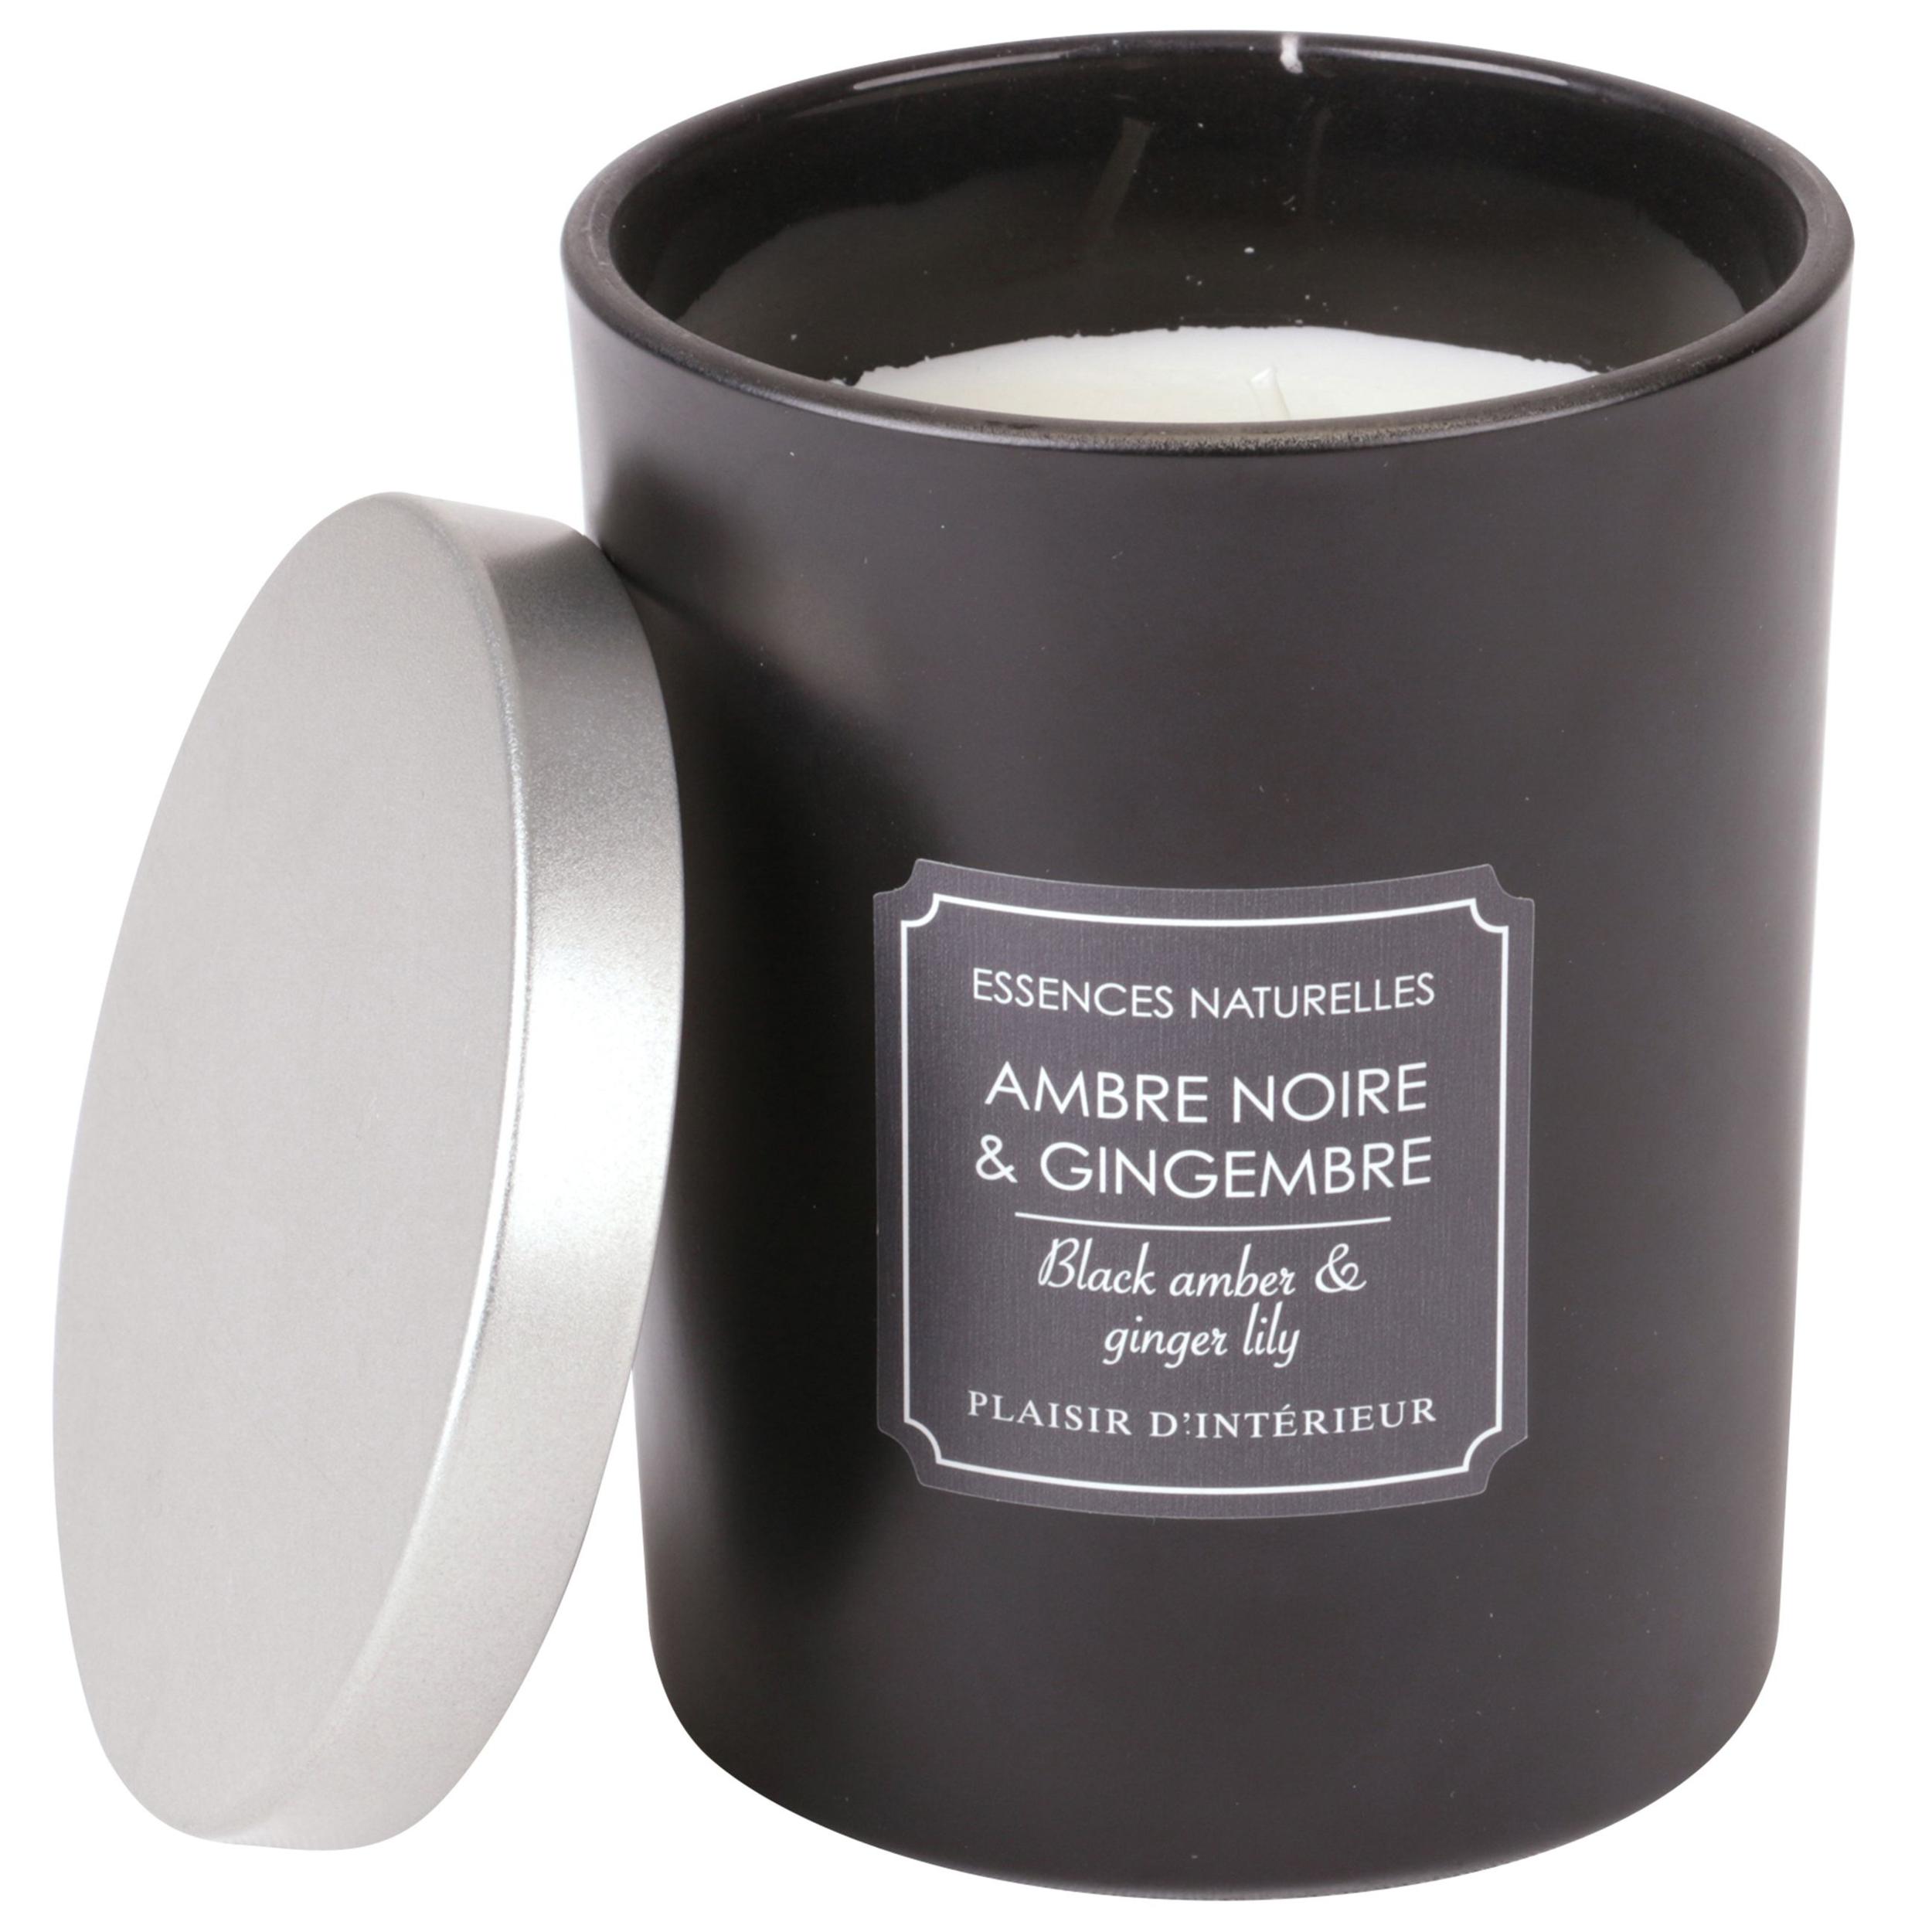 BOUGIE PARFUMEE AMBRE NOIRE & GINGEMBRE (L)